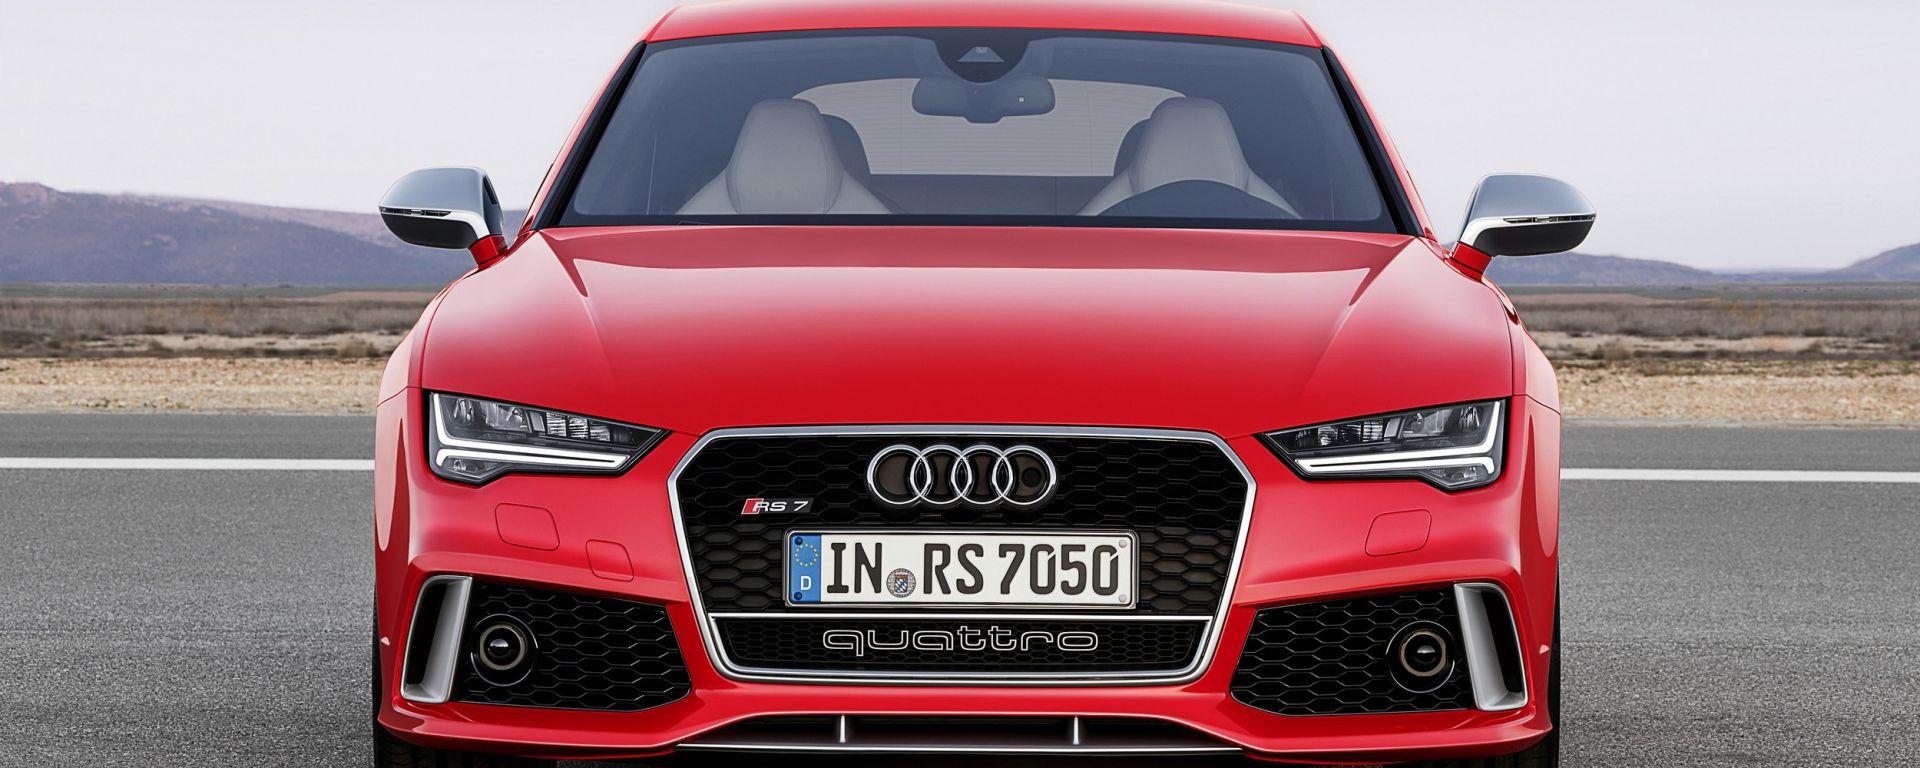 Audi RS7 e S7 2015